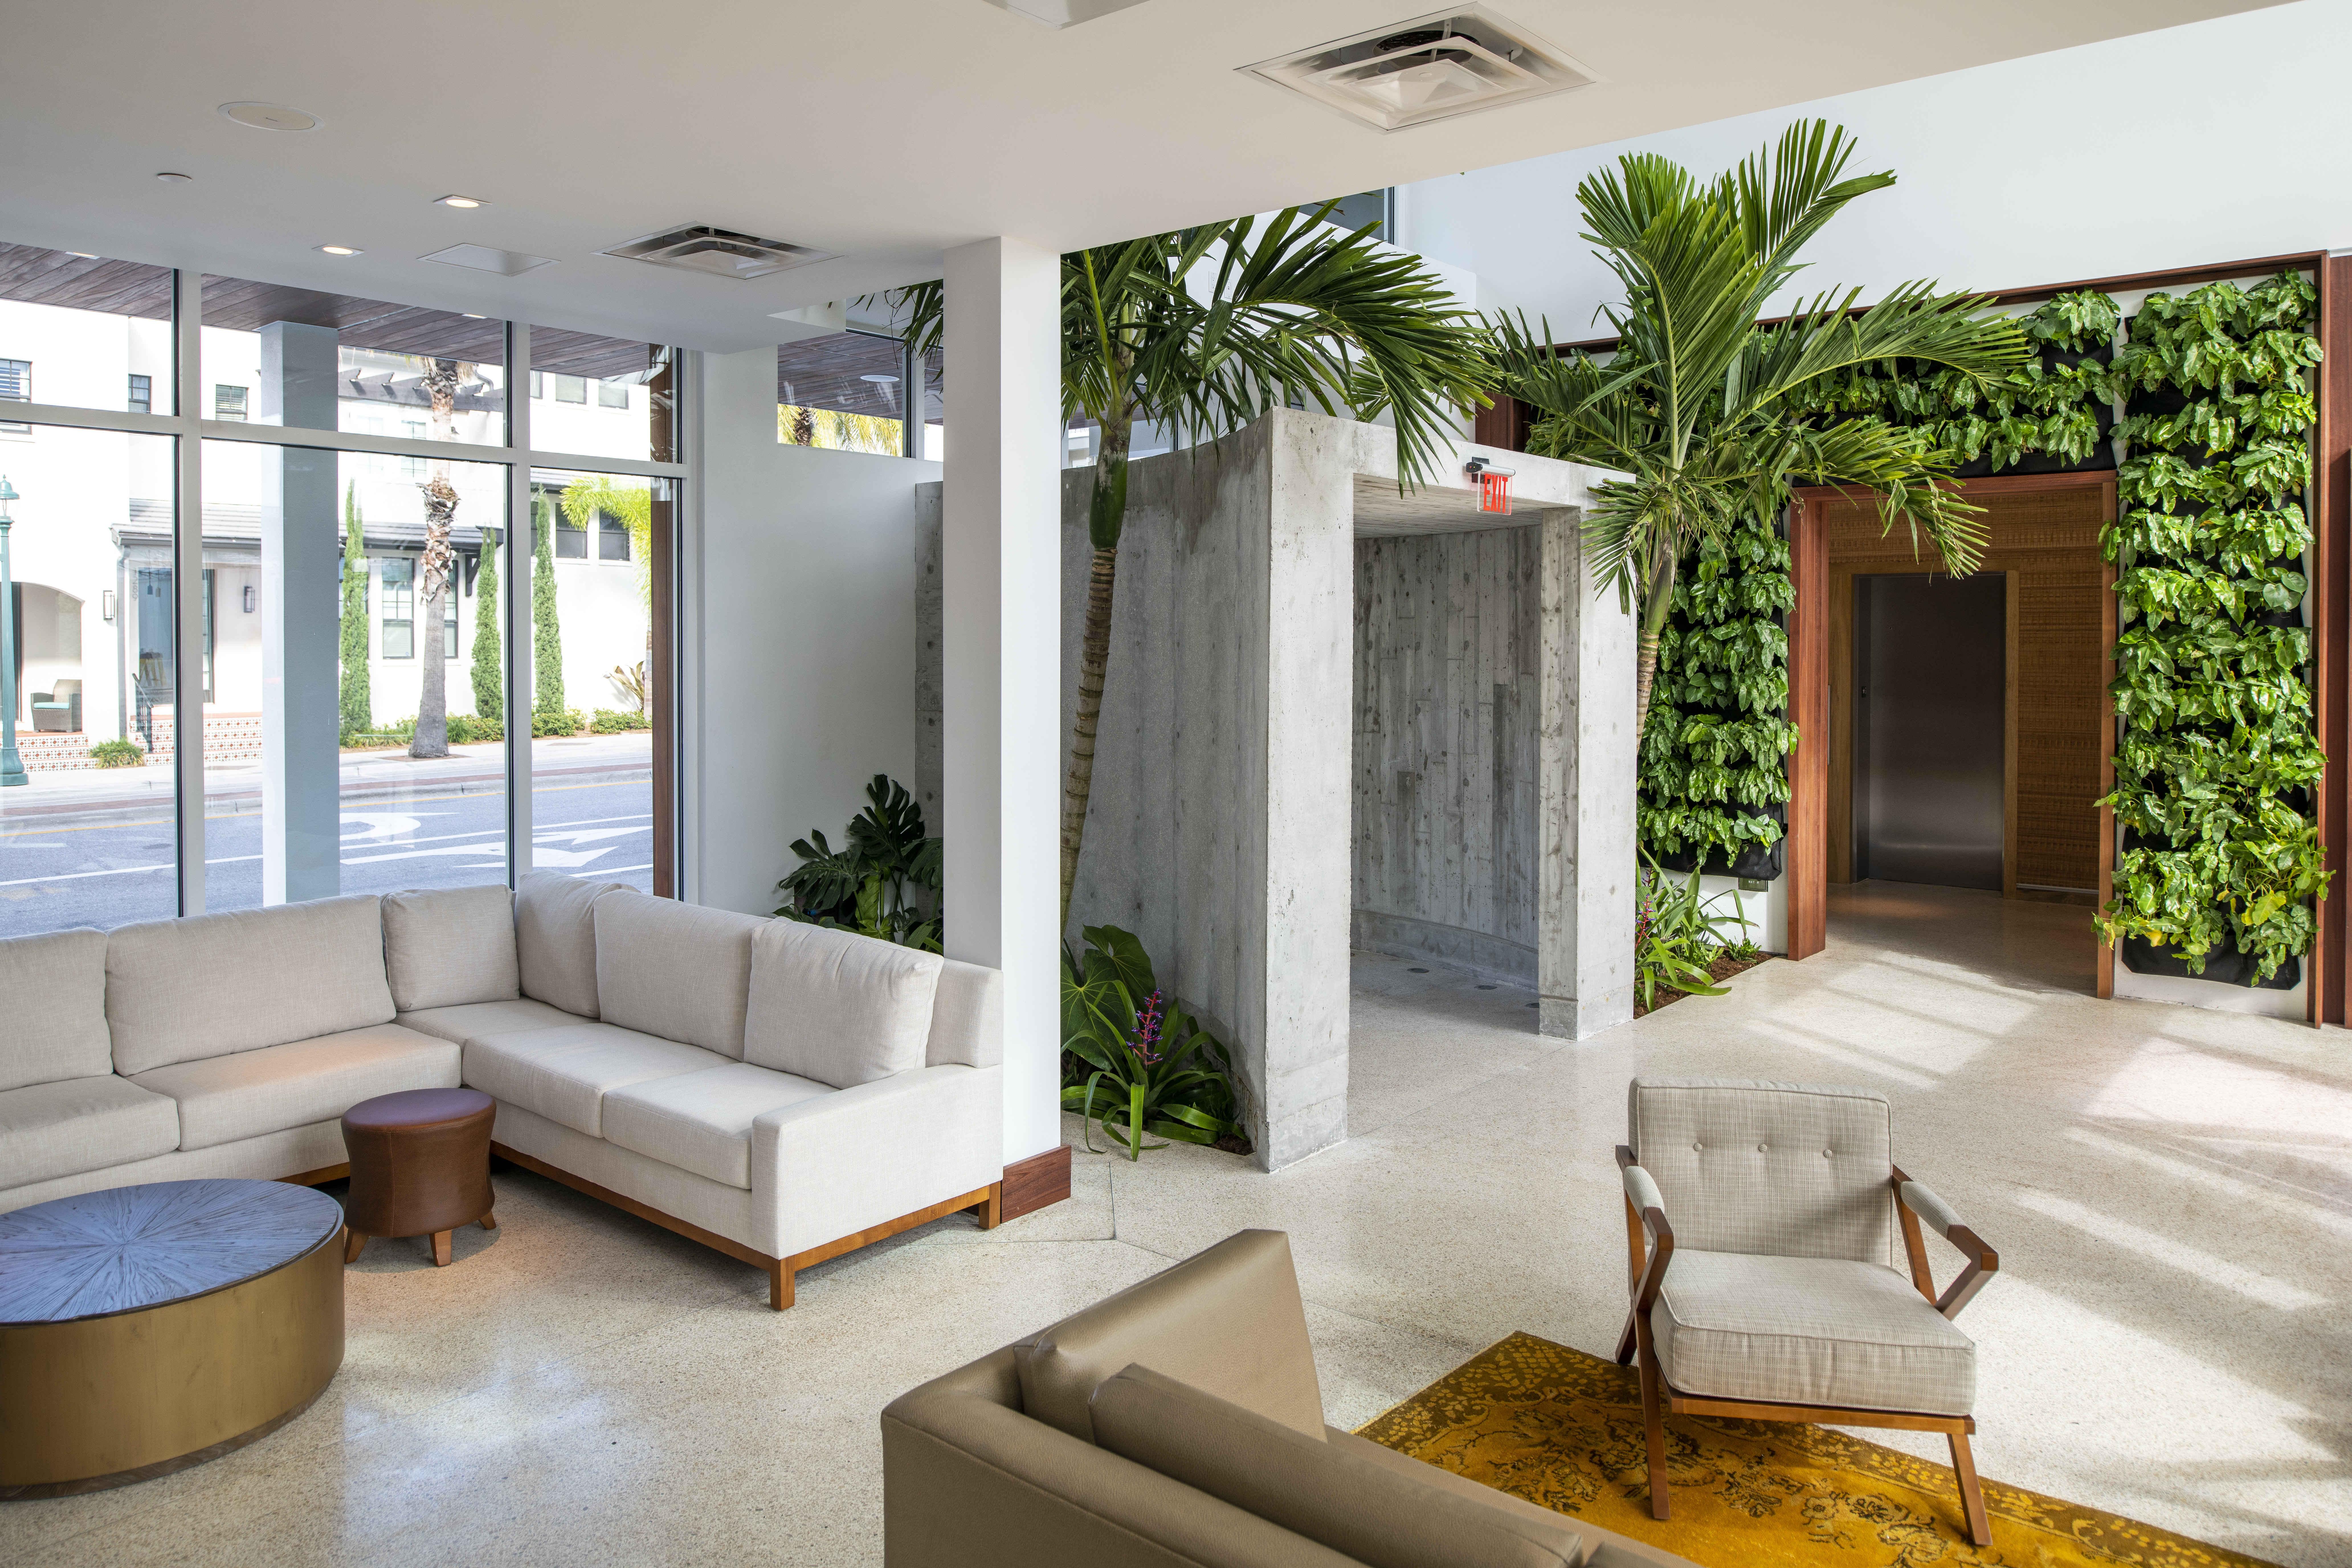 Modern hotel lobby with leaf wall